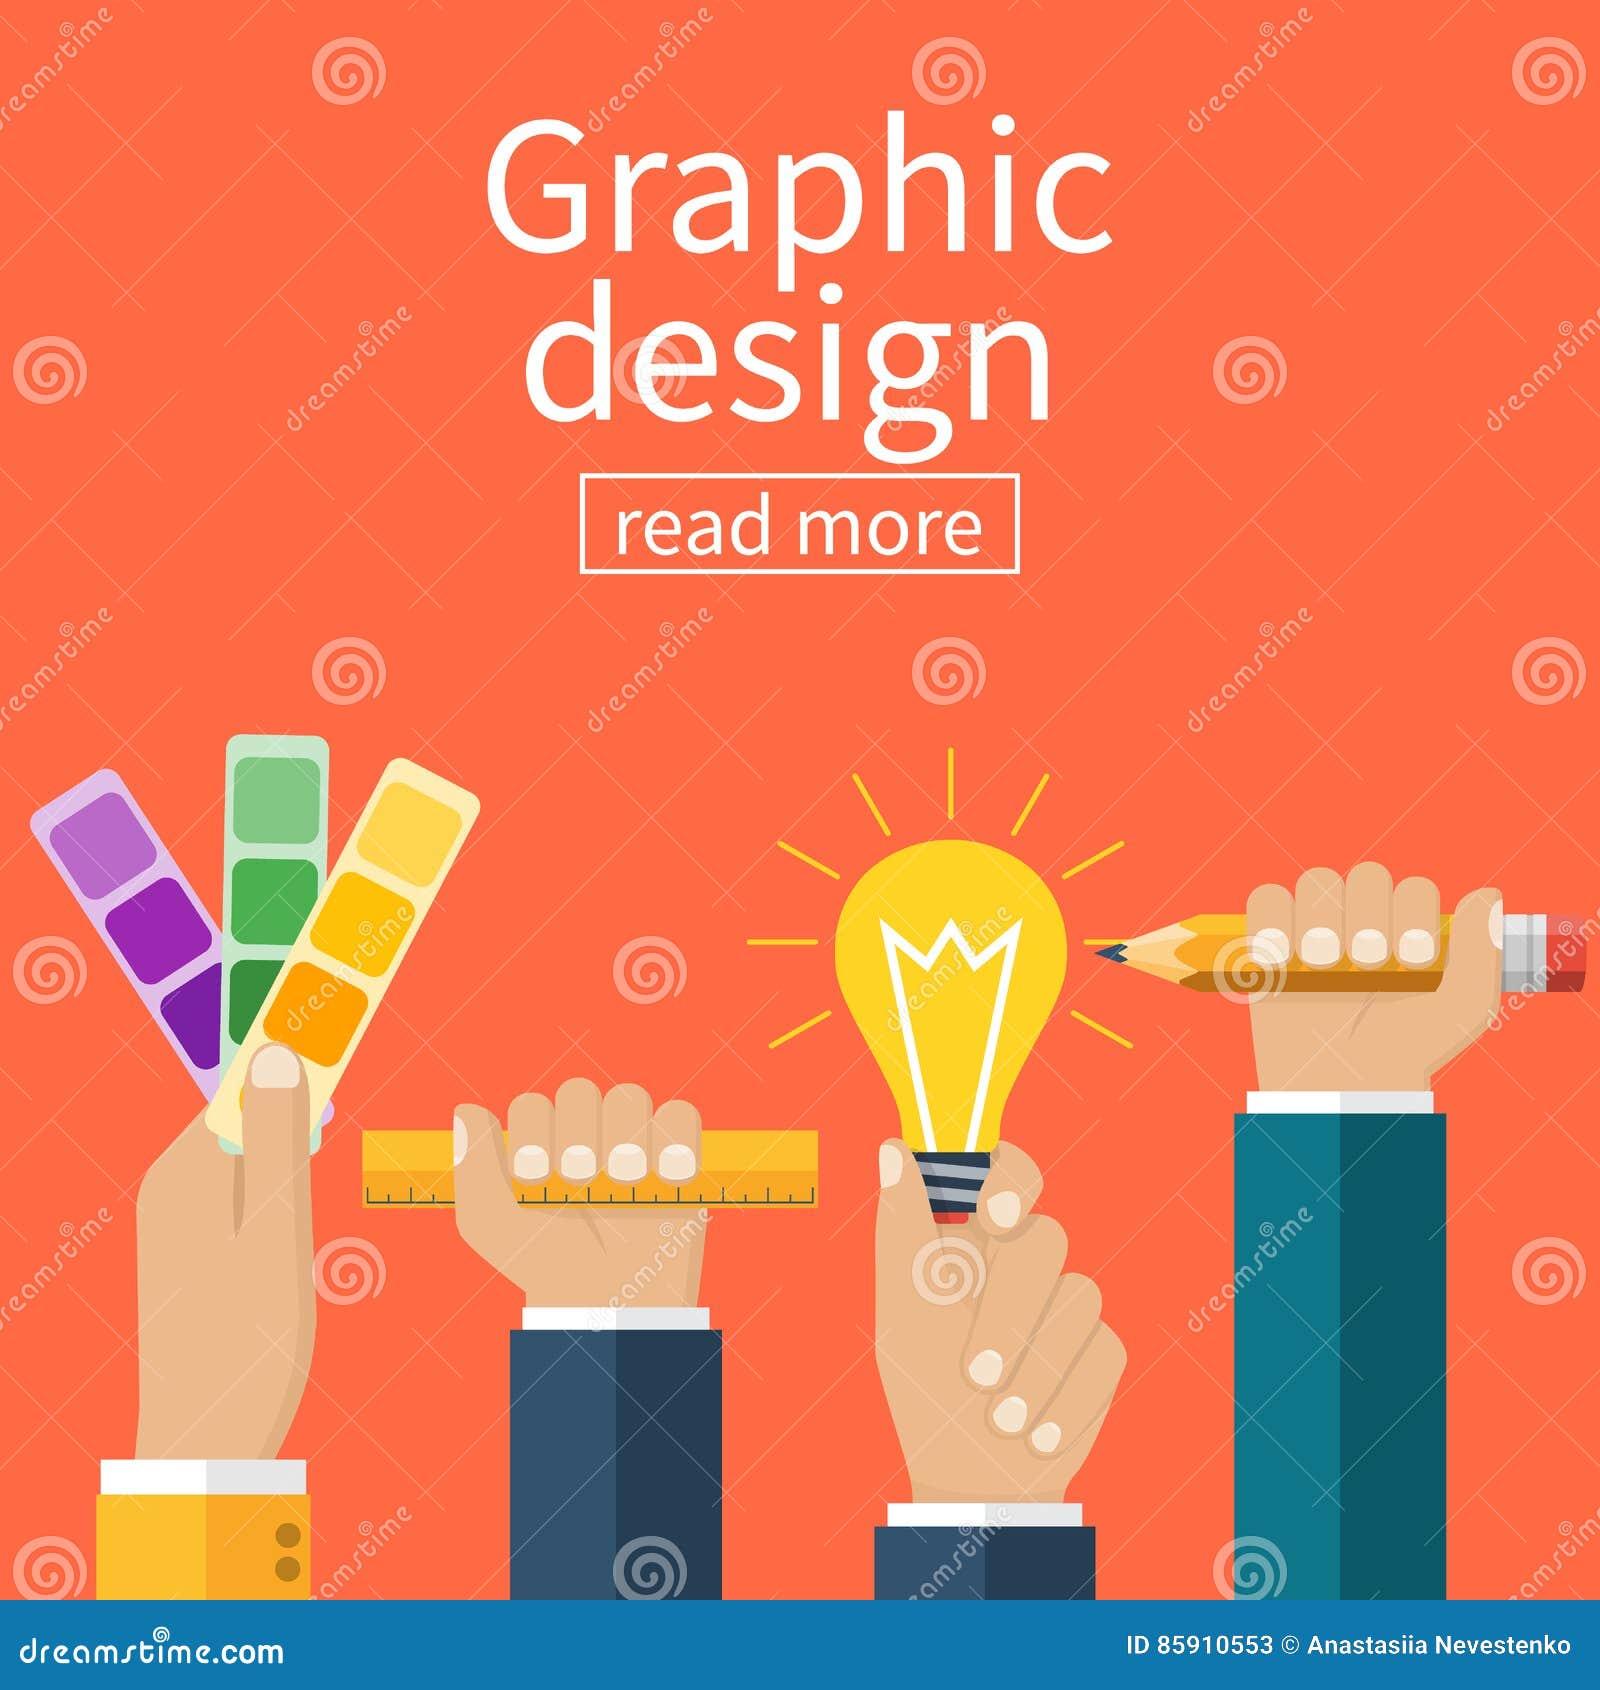 Graphic design concept.